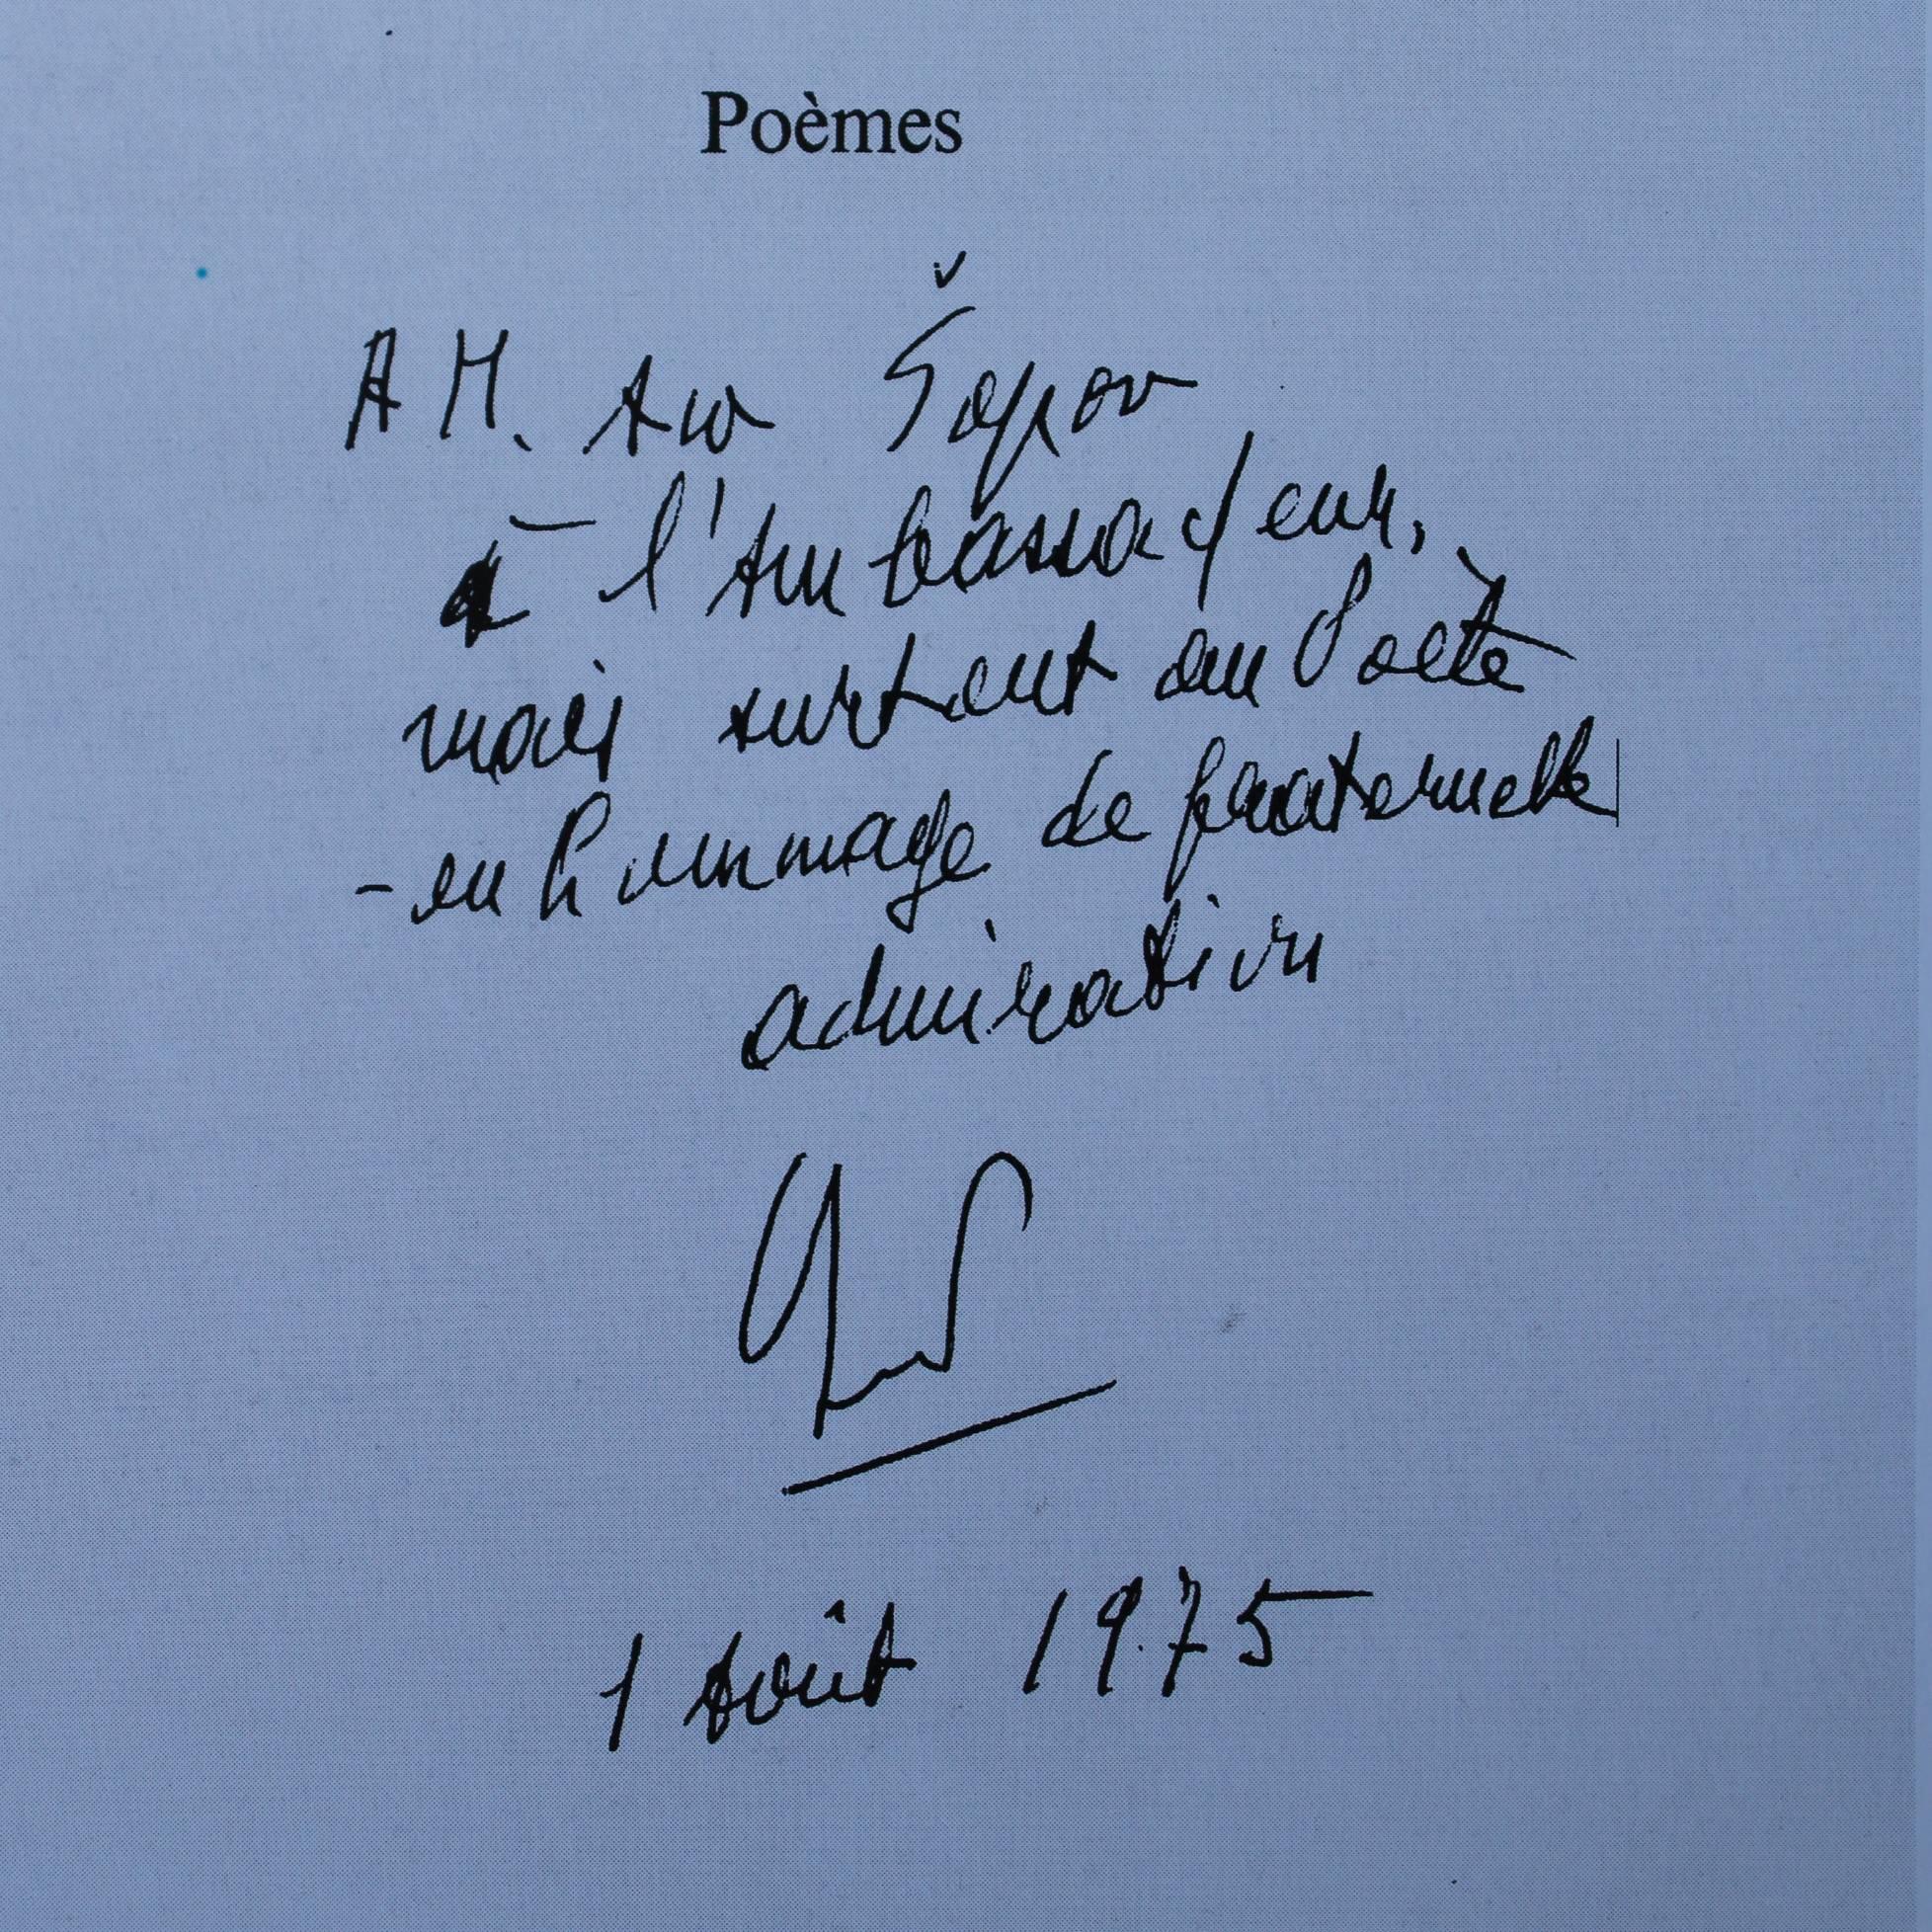 Посвета што Сенгор му ја напишал на Шопов подарувајќи му ја книгата Писма од ивернажот